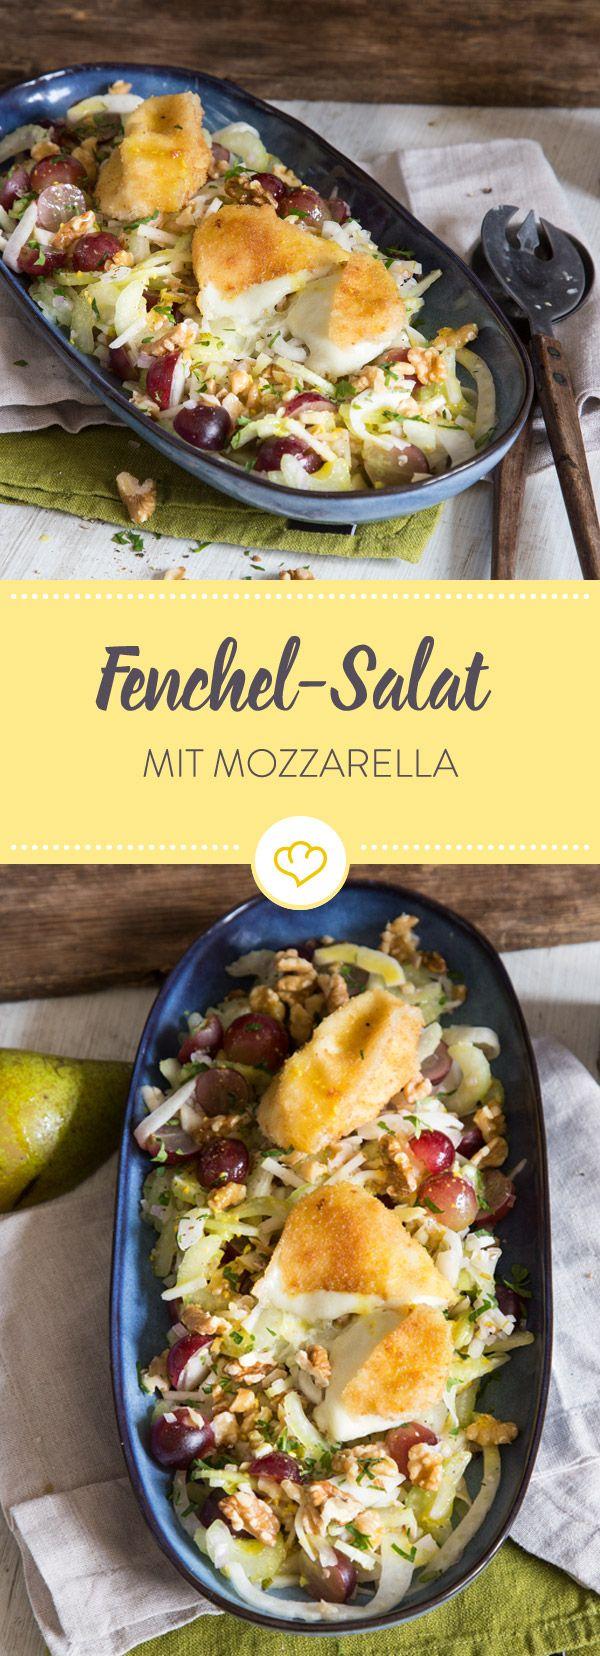 Einmal die knusprige Hülle aufgeschnitten, läuft dir der milde Mozzarella bereits entgegen und mischt sich unter deinen Salat aus Fenchel und Sellerie.